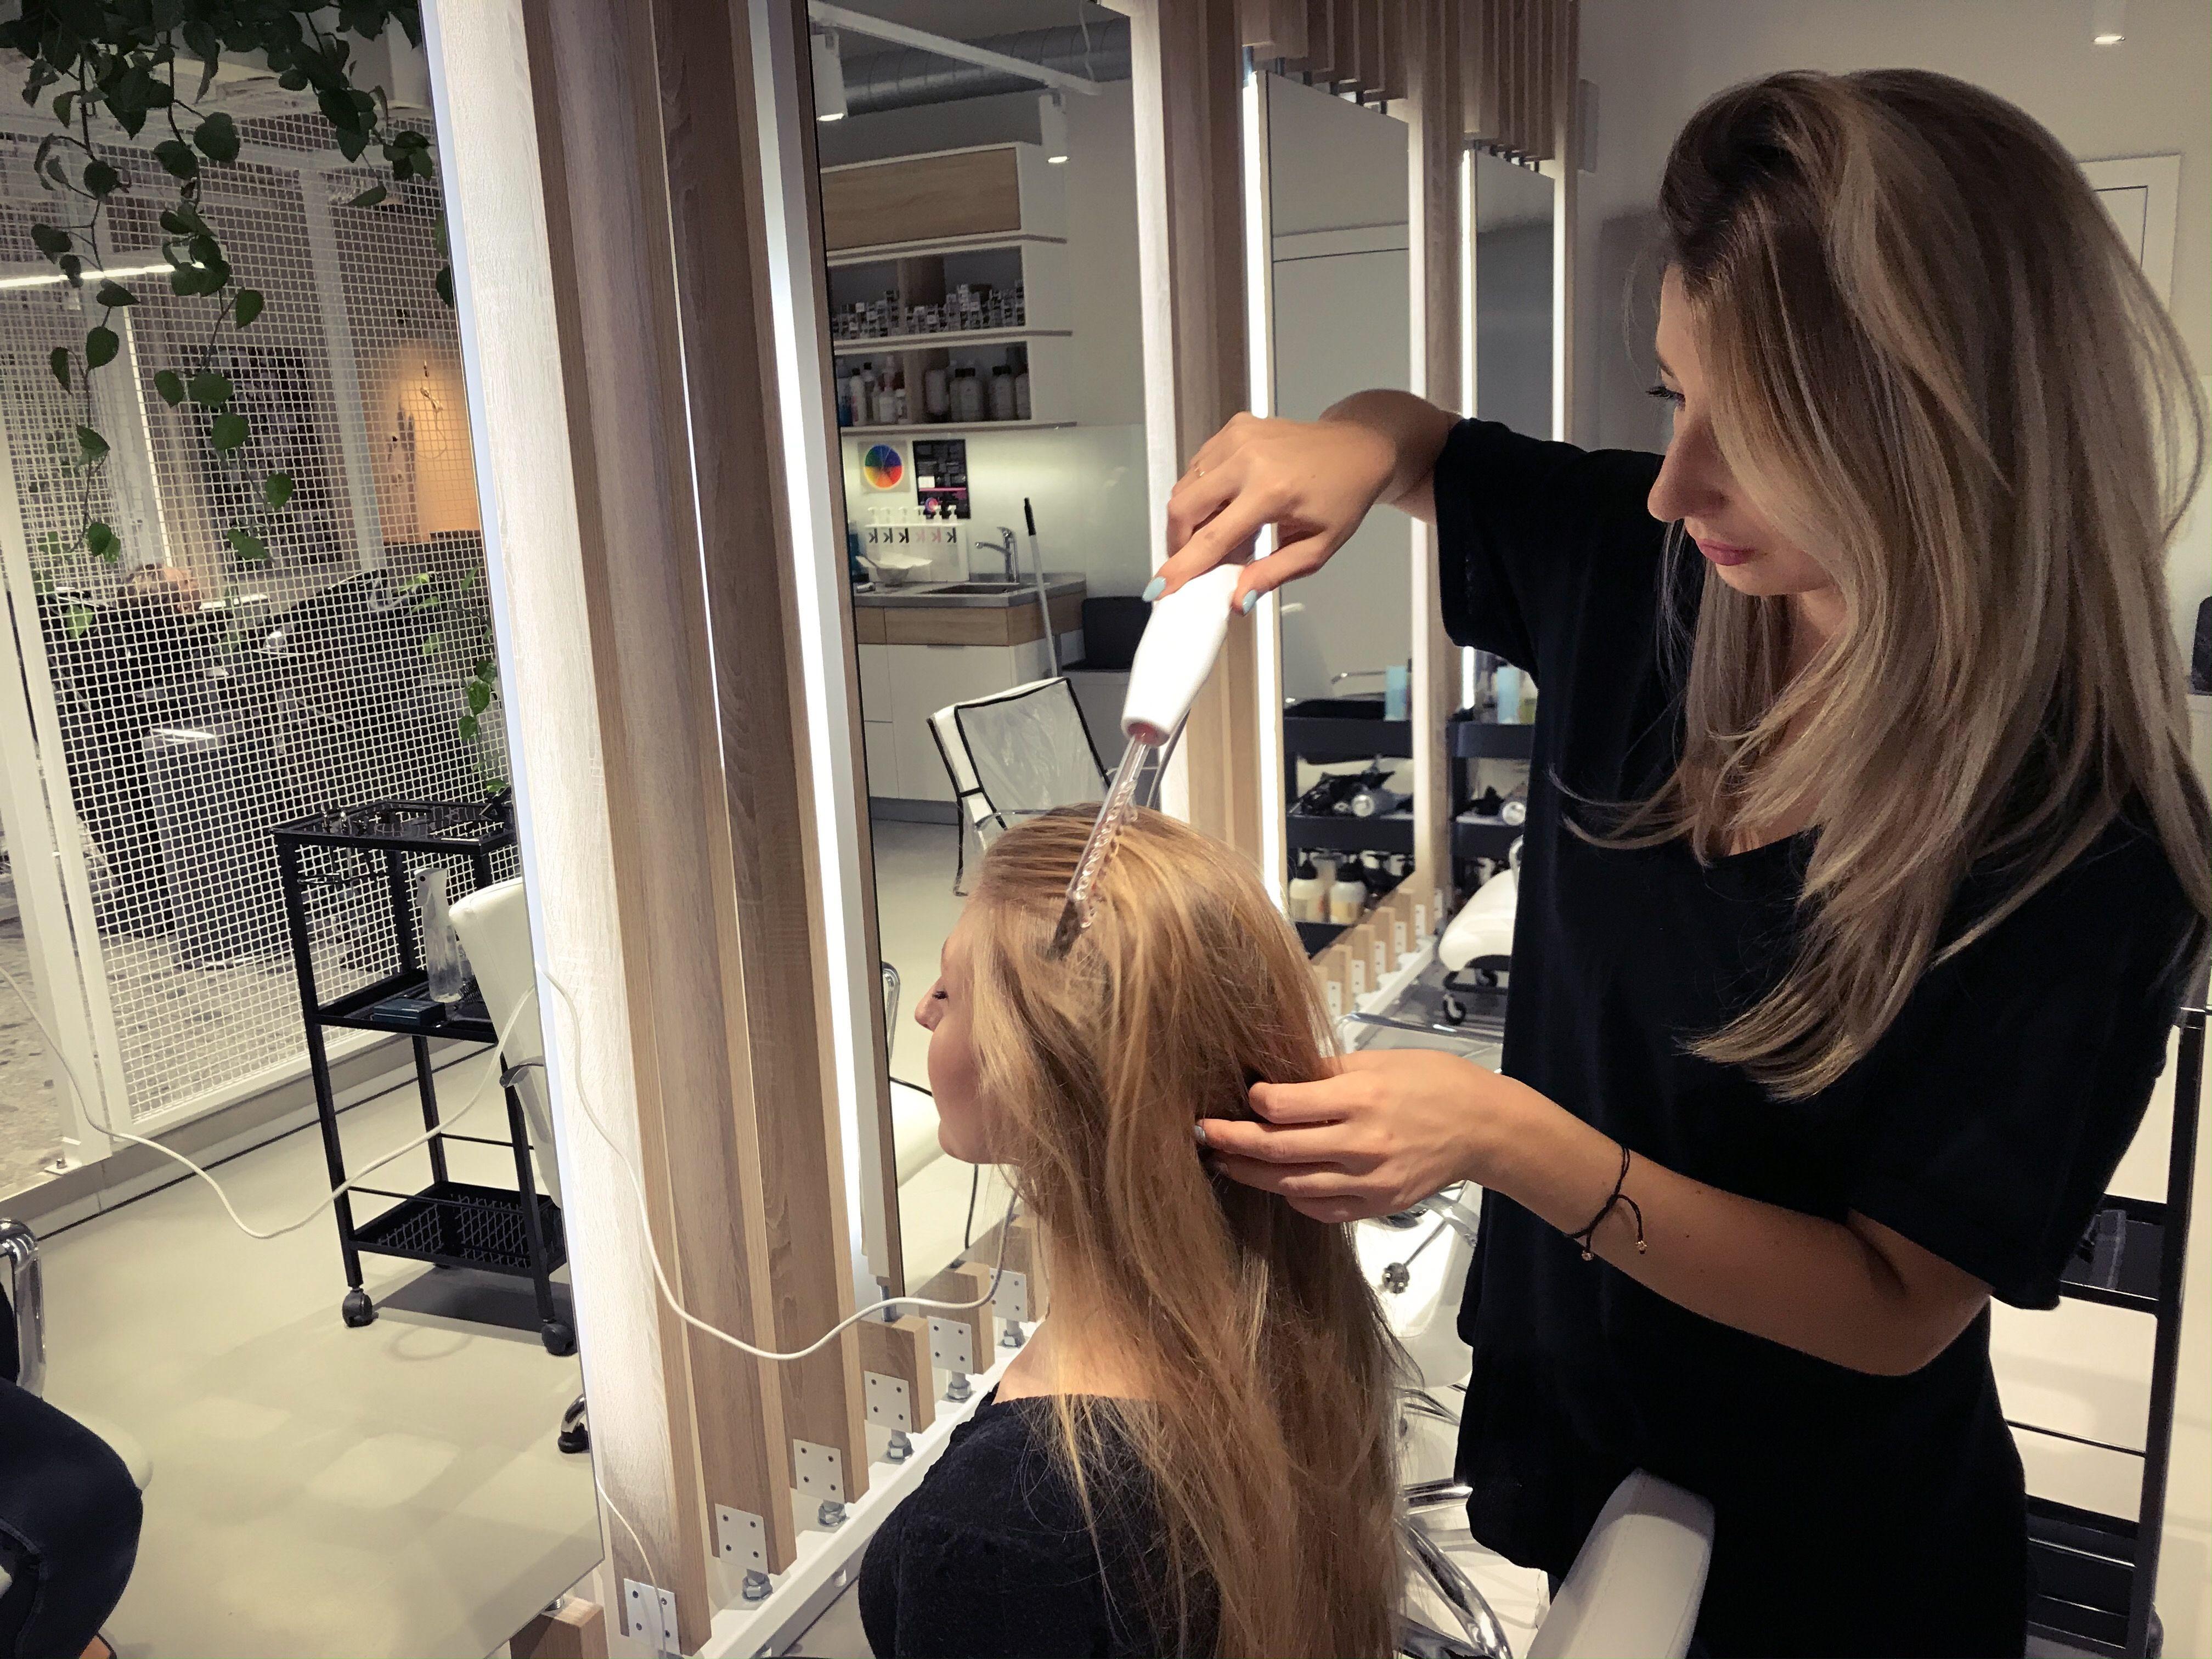 Pin By Trichohair Marta Pogan On Me In 2020 Hair Selfie Mirror Selfie